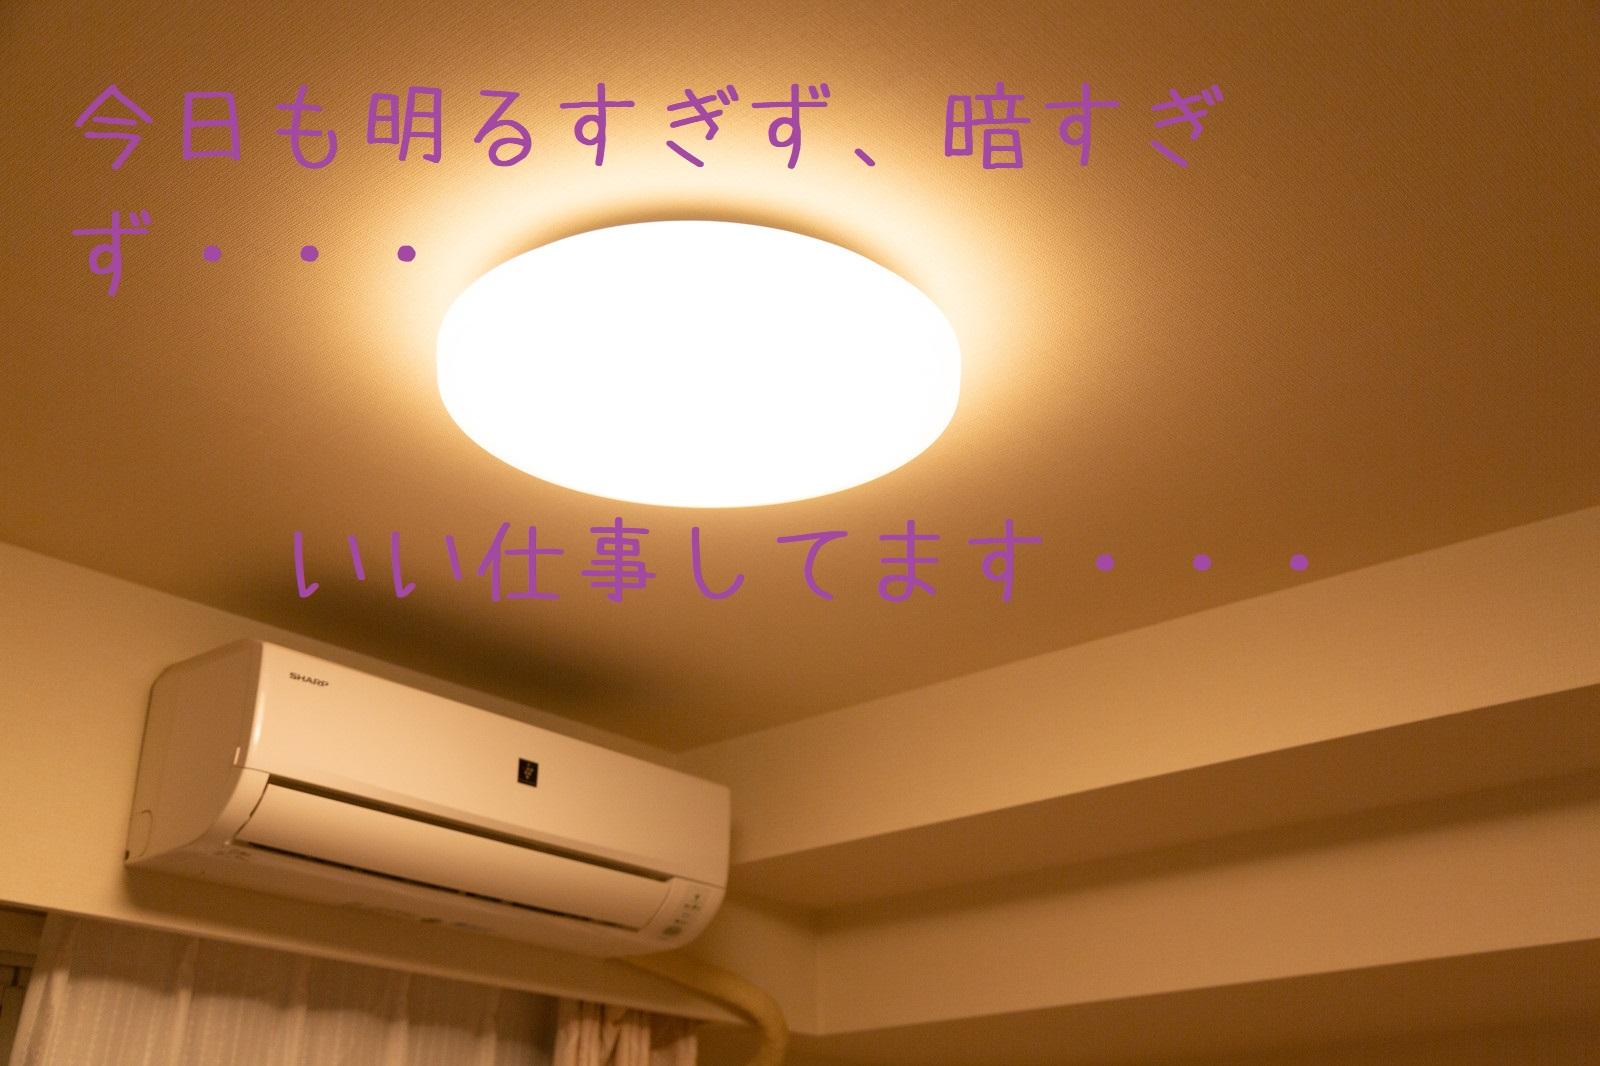 電気の画像